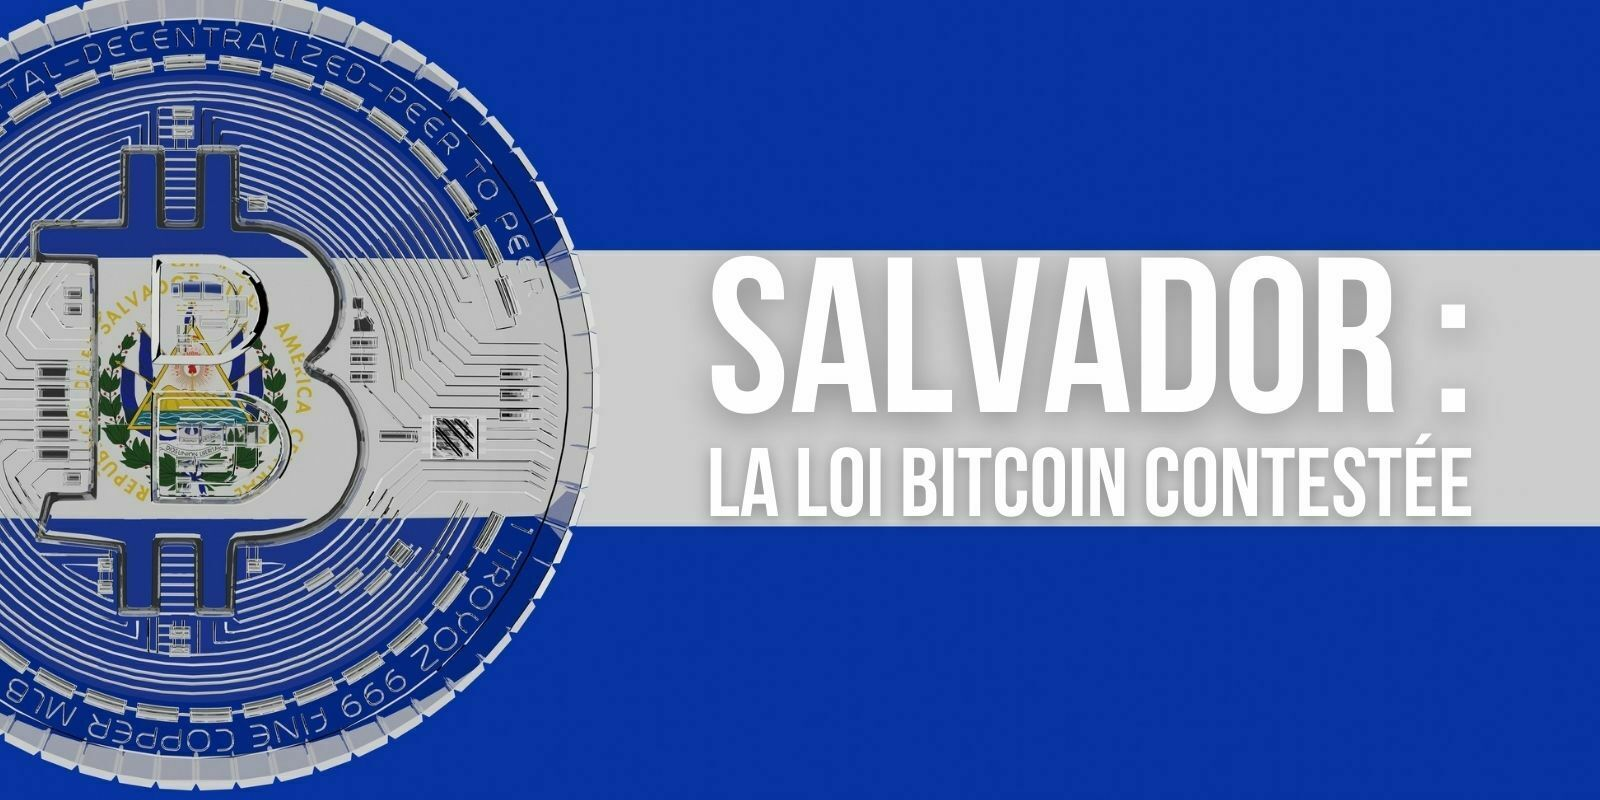 Au Salvador, l'opposition veut faire reconnaître la loi Bitcoin comme «inconstitutionnelle»